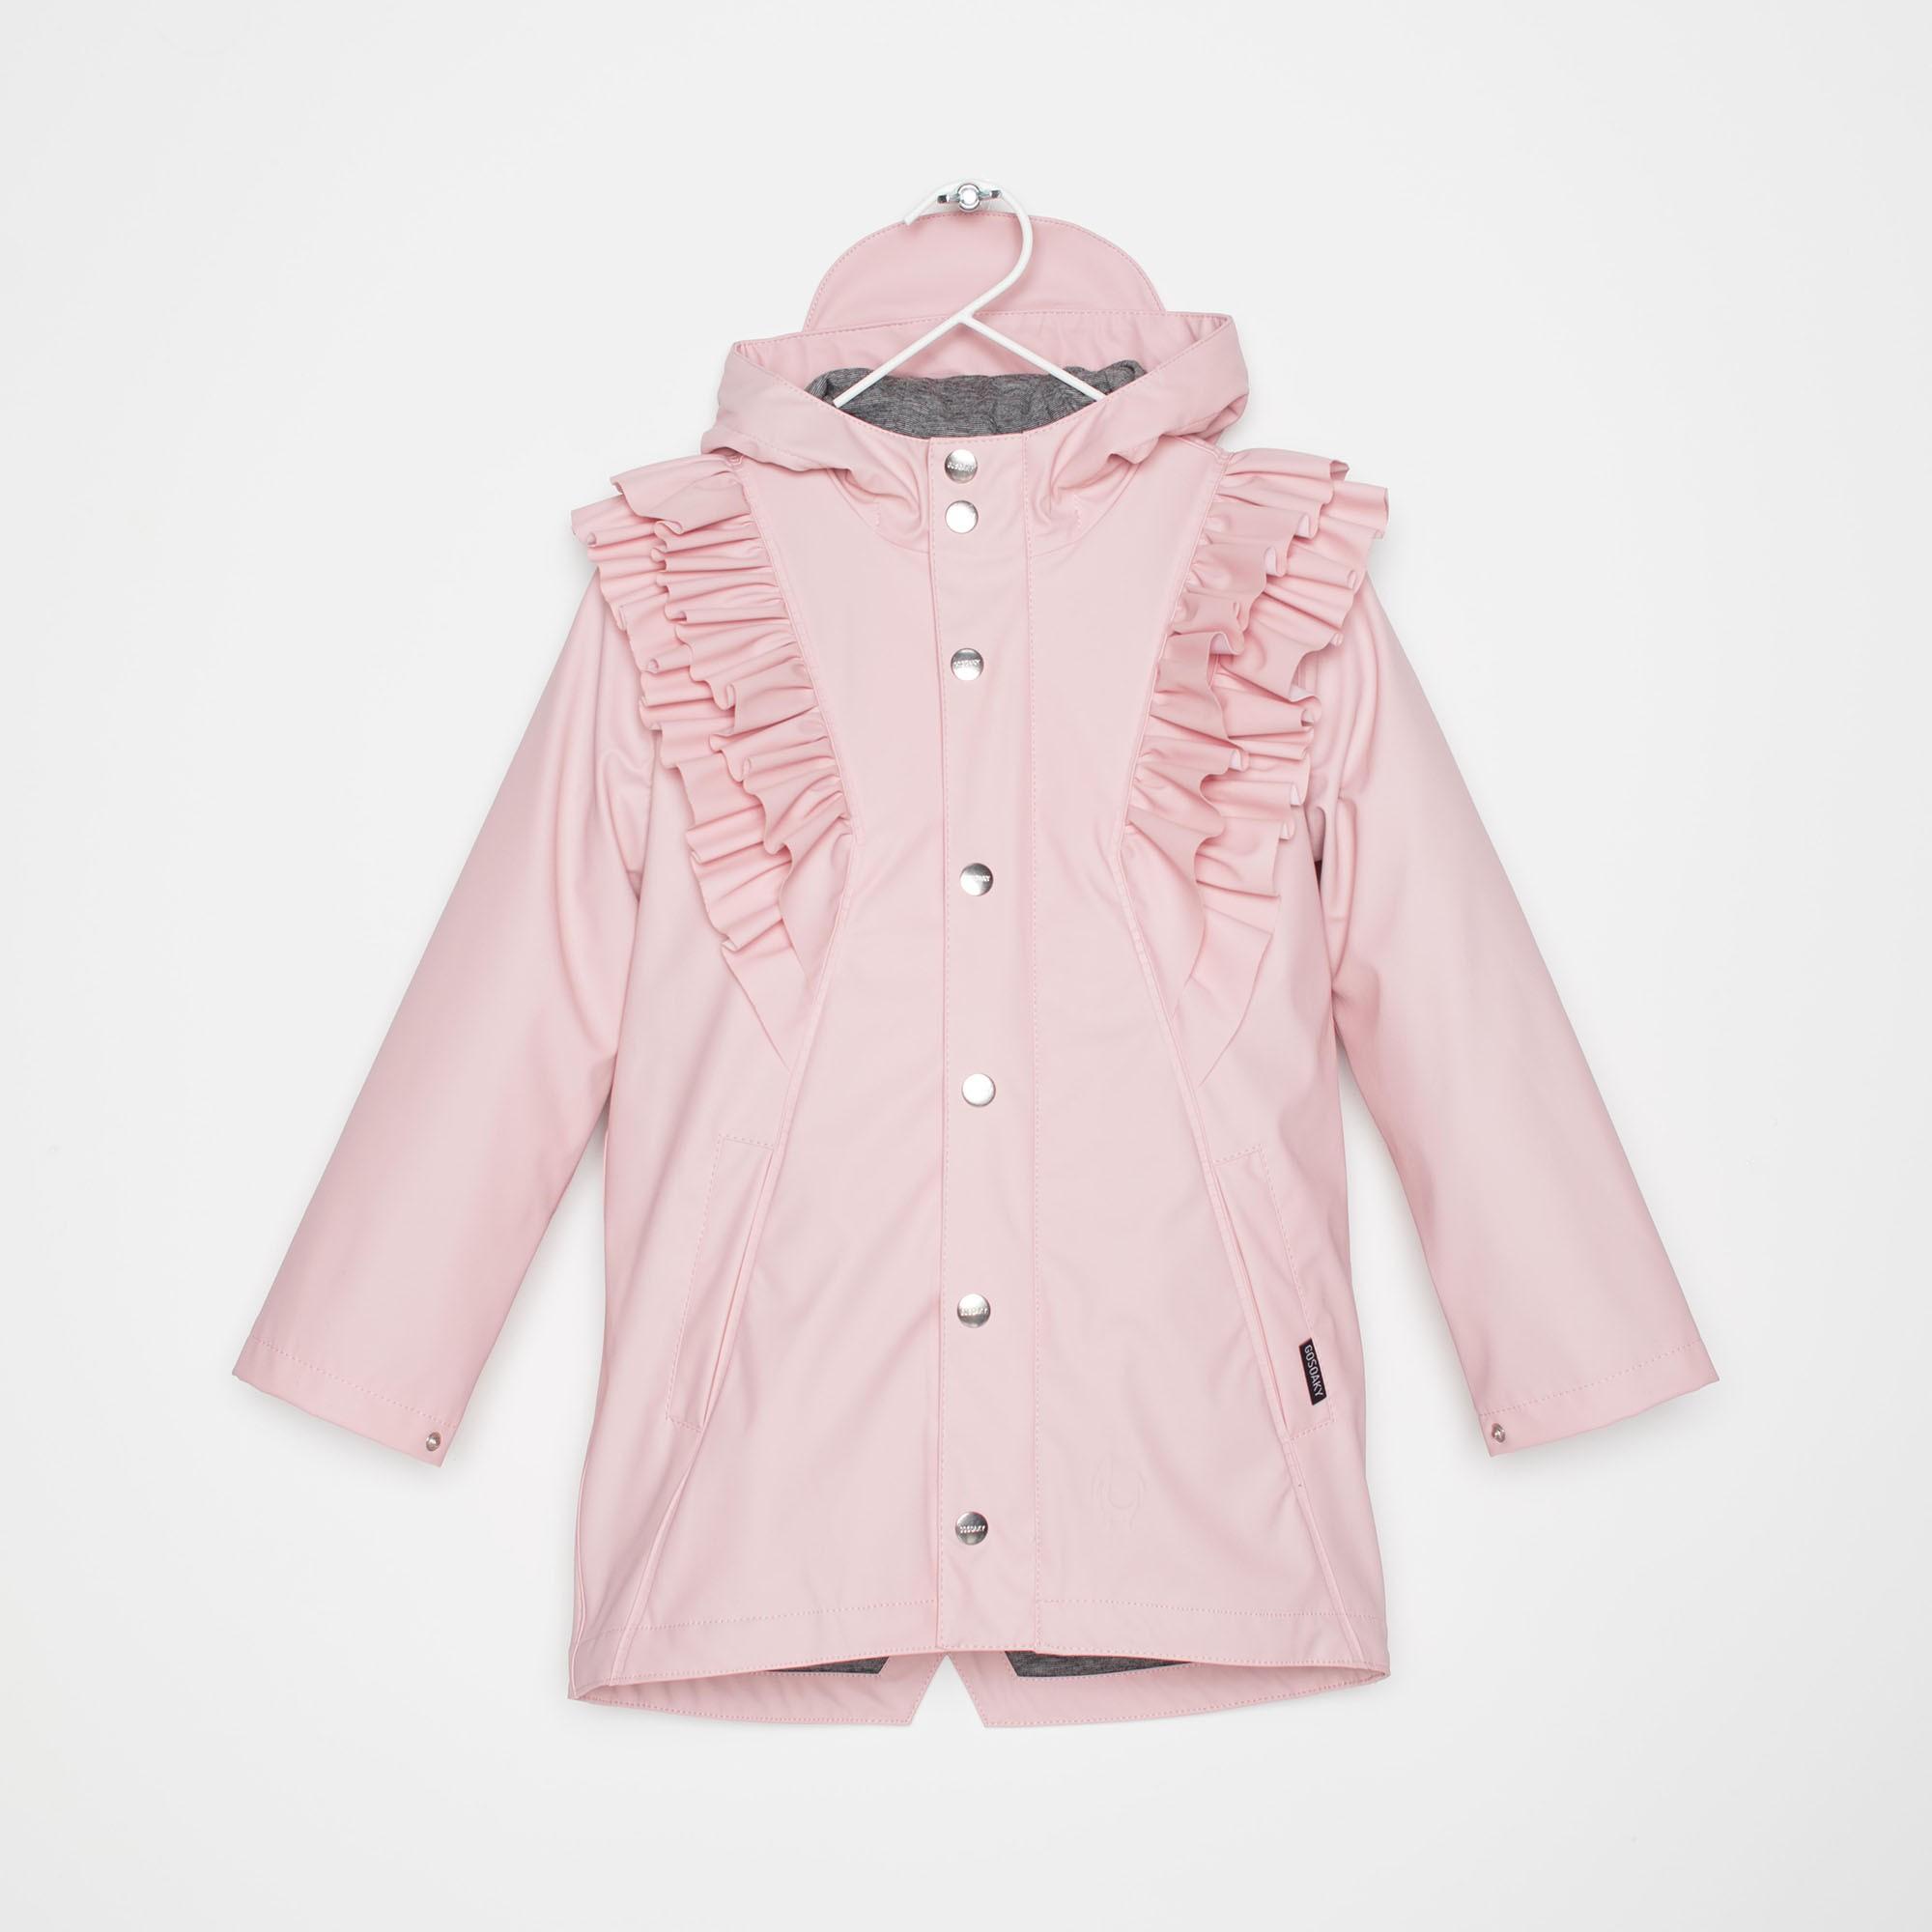 荷蘭 荷葉造型雨衣外套